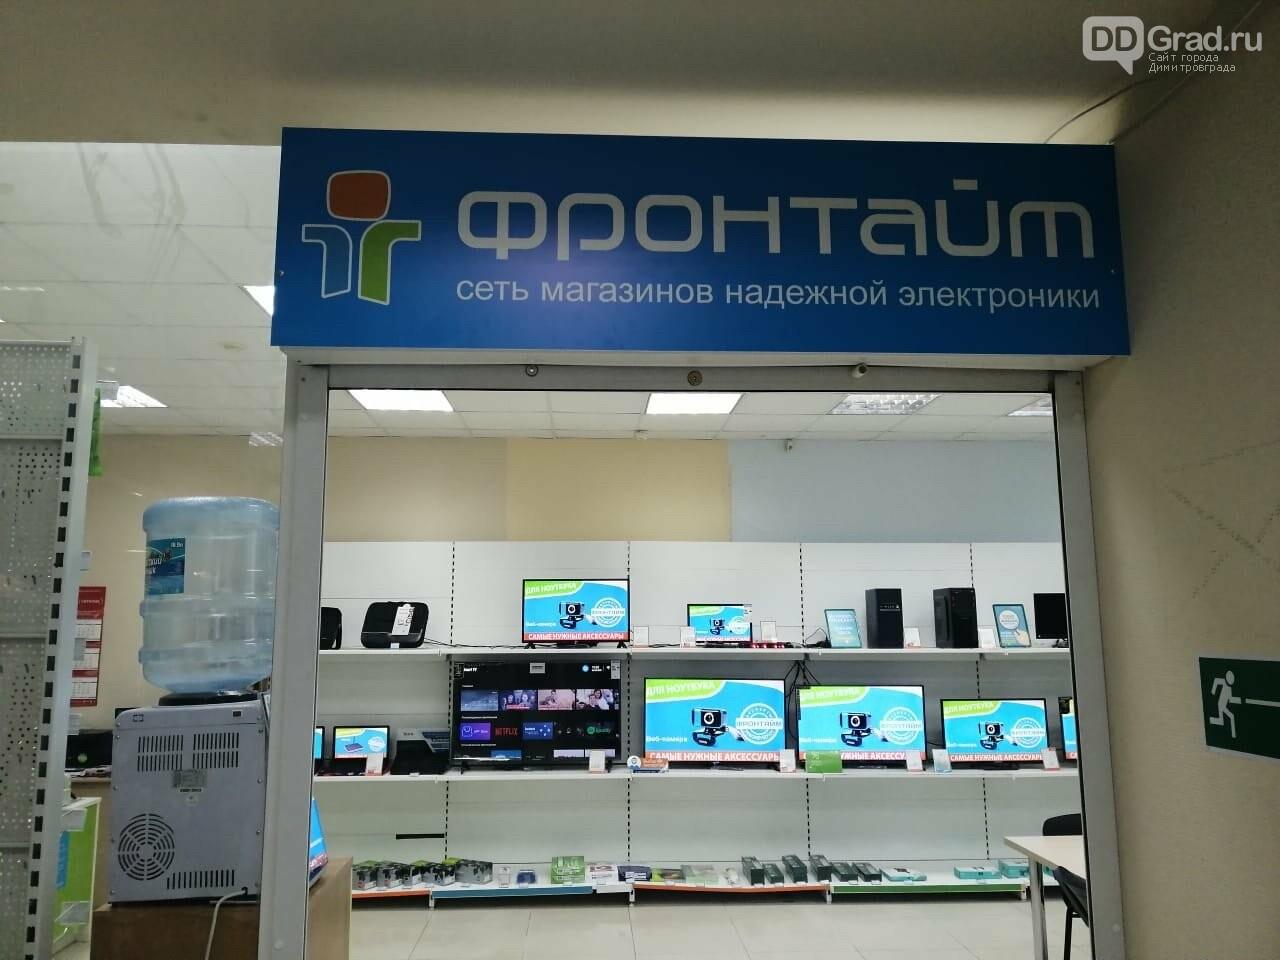 Магазин «Фронтайм» объявил специальные предложения покупателям, фото-1